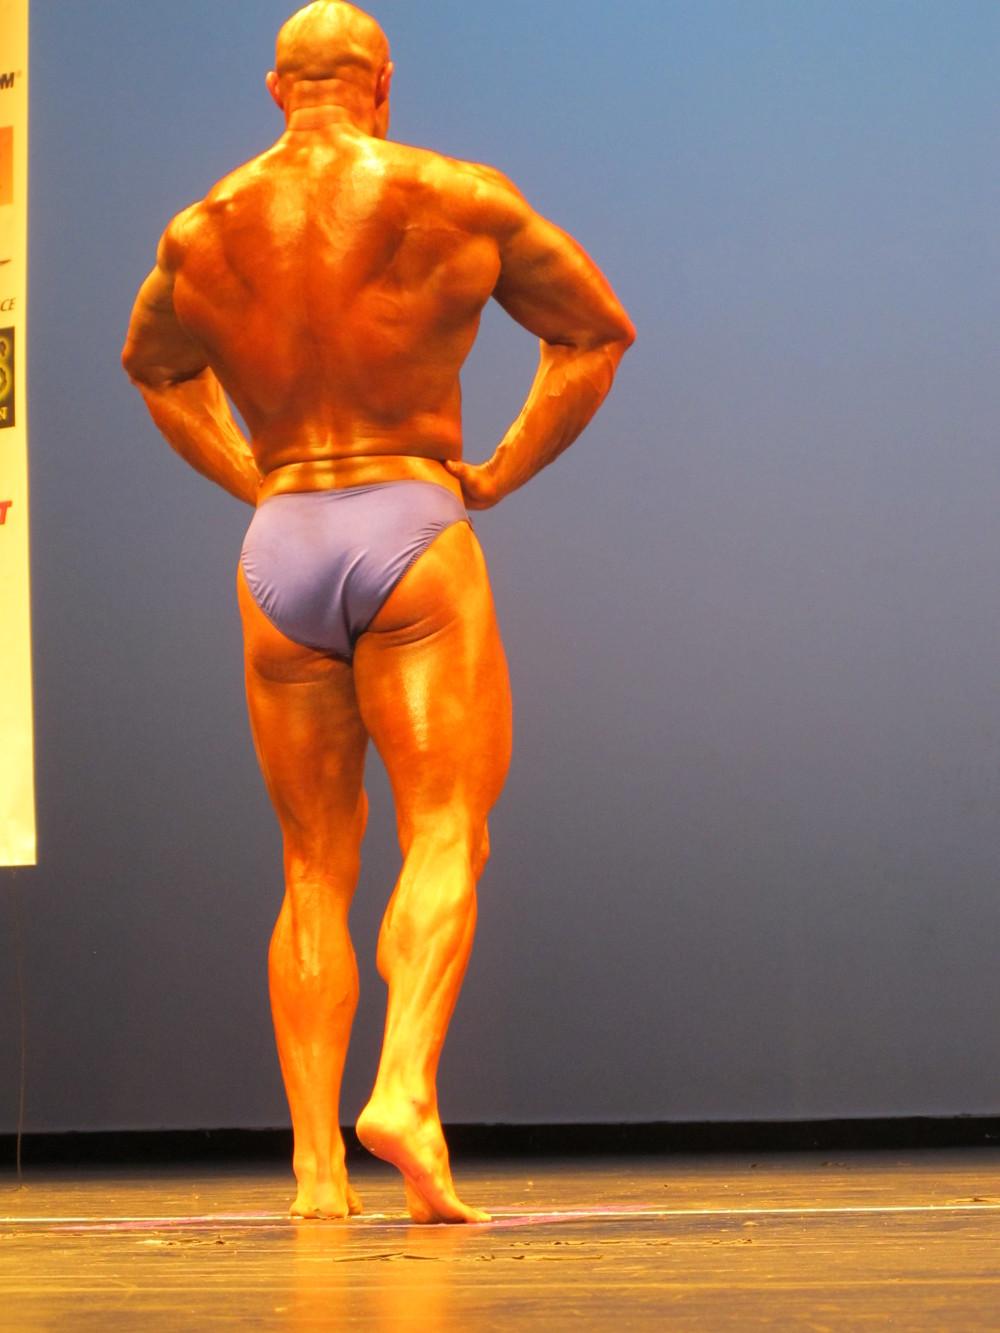 bodybuilding 244.jpg